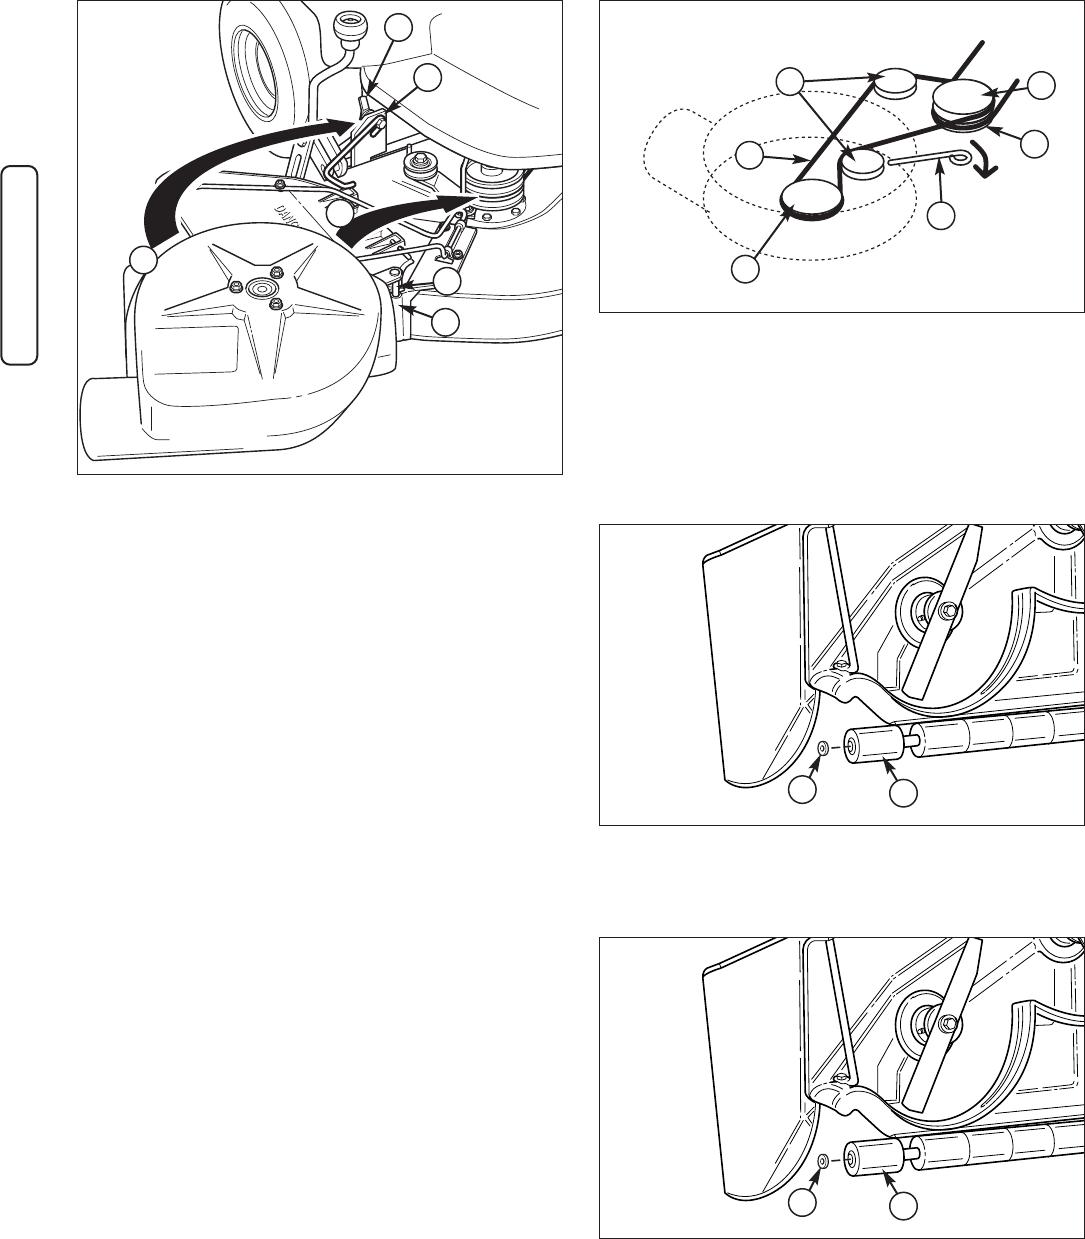 Simplicity Quicksilver Vacuum Manual